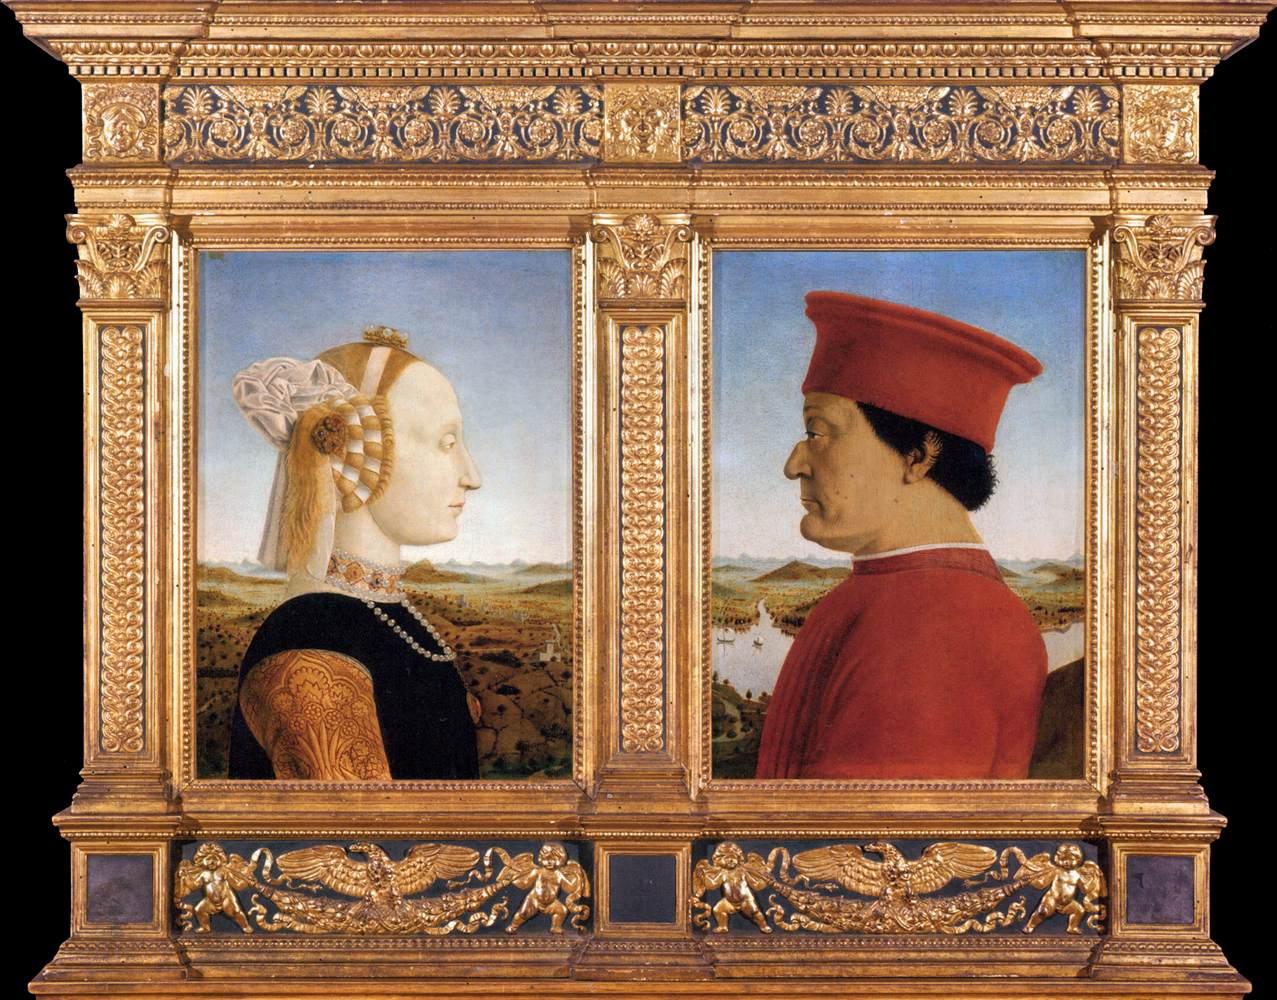 rencontre de salomon et de la reine de saba piero della francesca